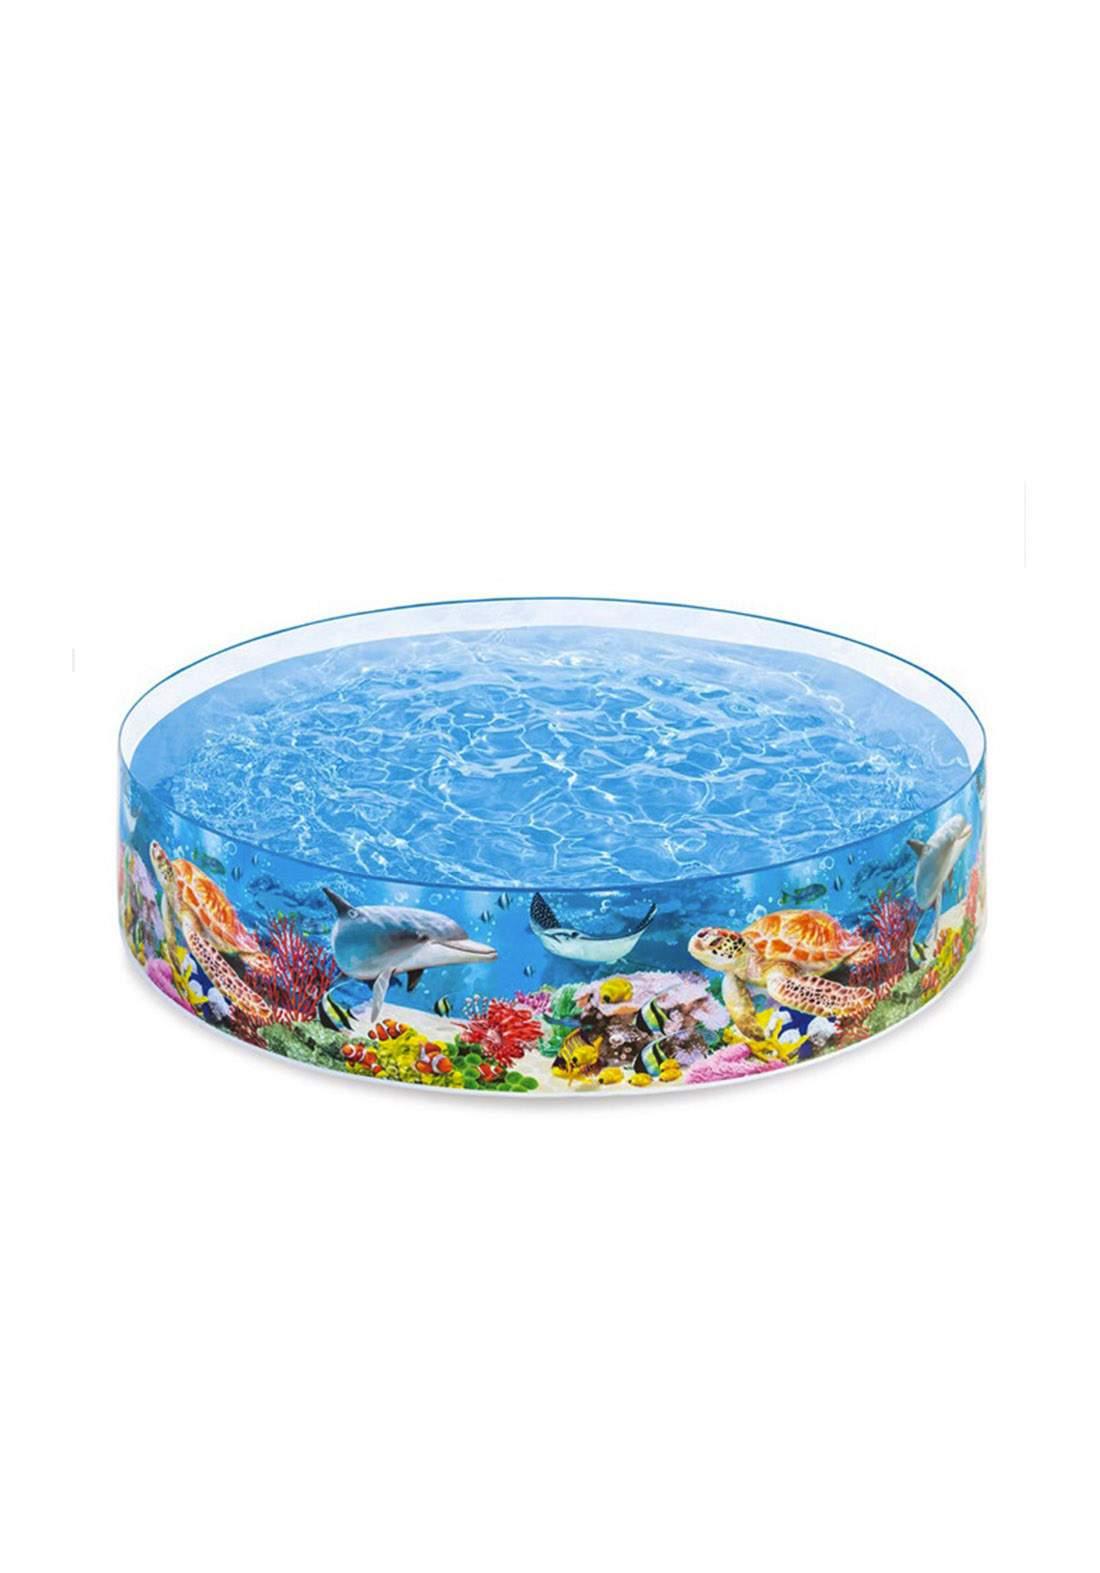 Intex 58472 Deep Blue Sea Snapset Pool مسبح